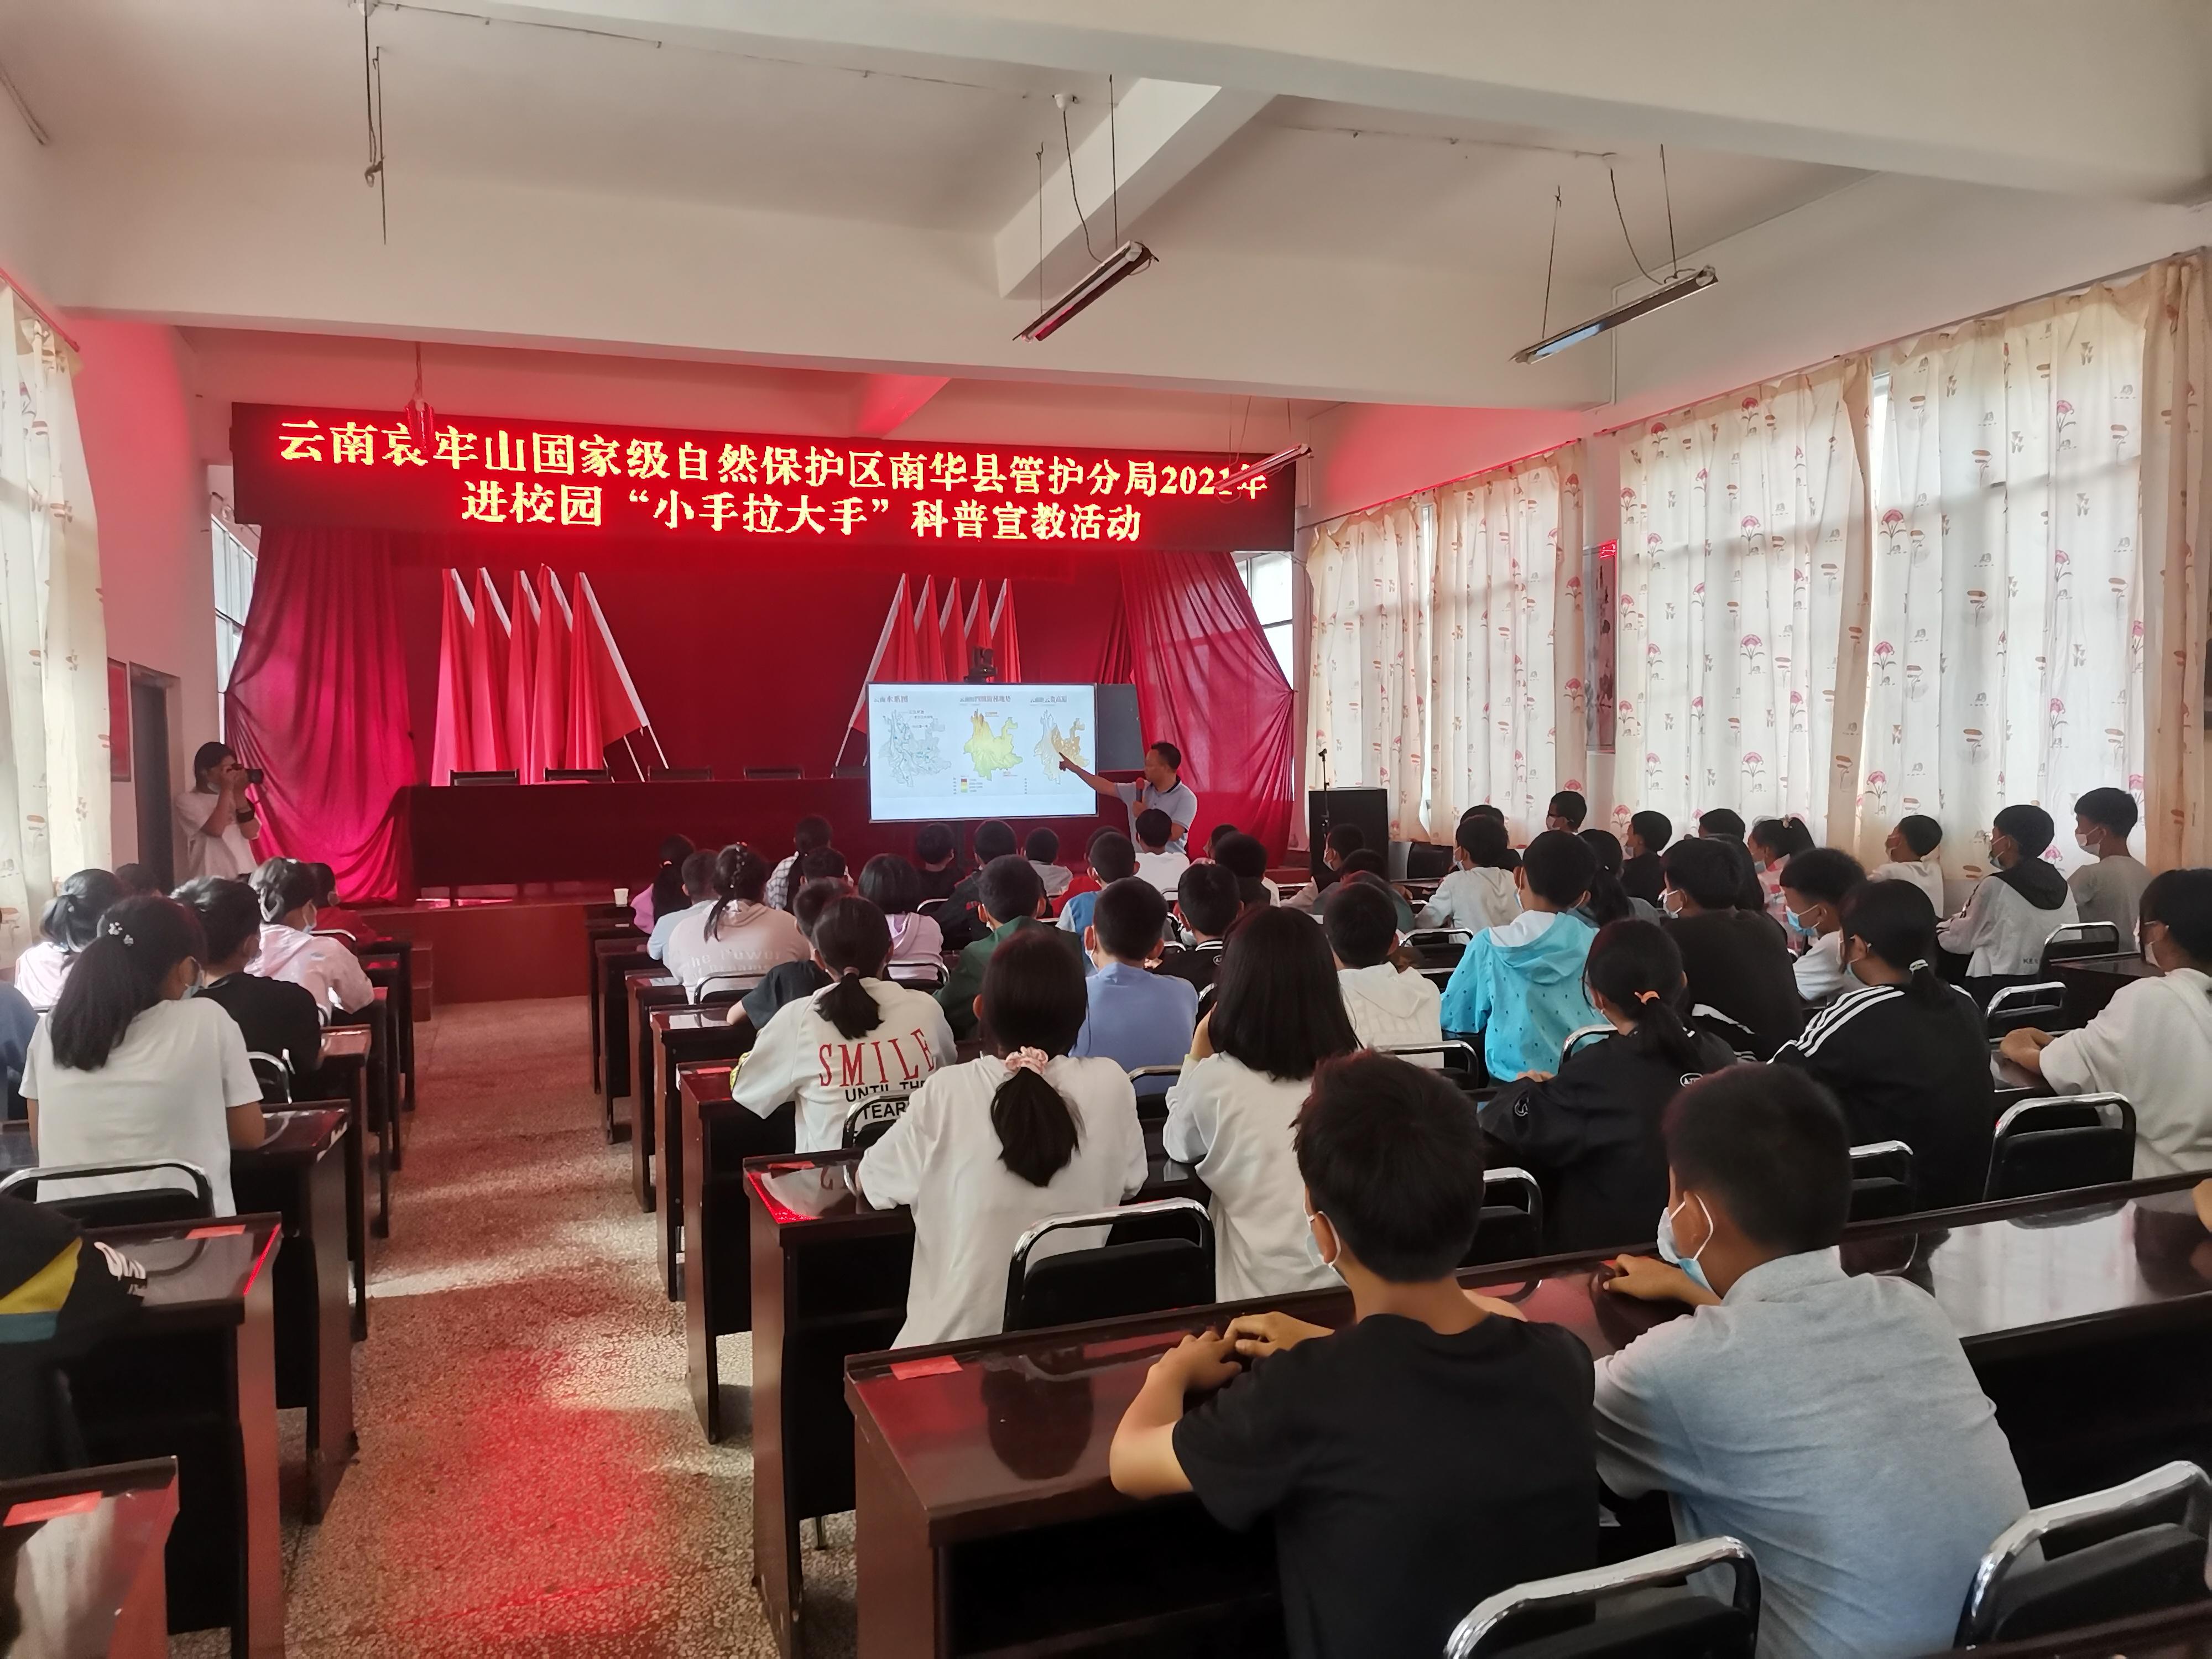 哀牢山生态站和楚雄管护局联合开展专题科普宣教活动